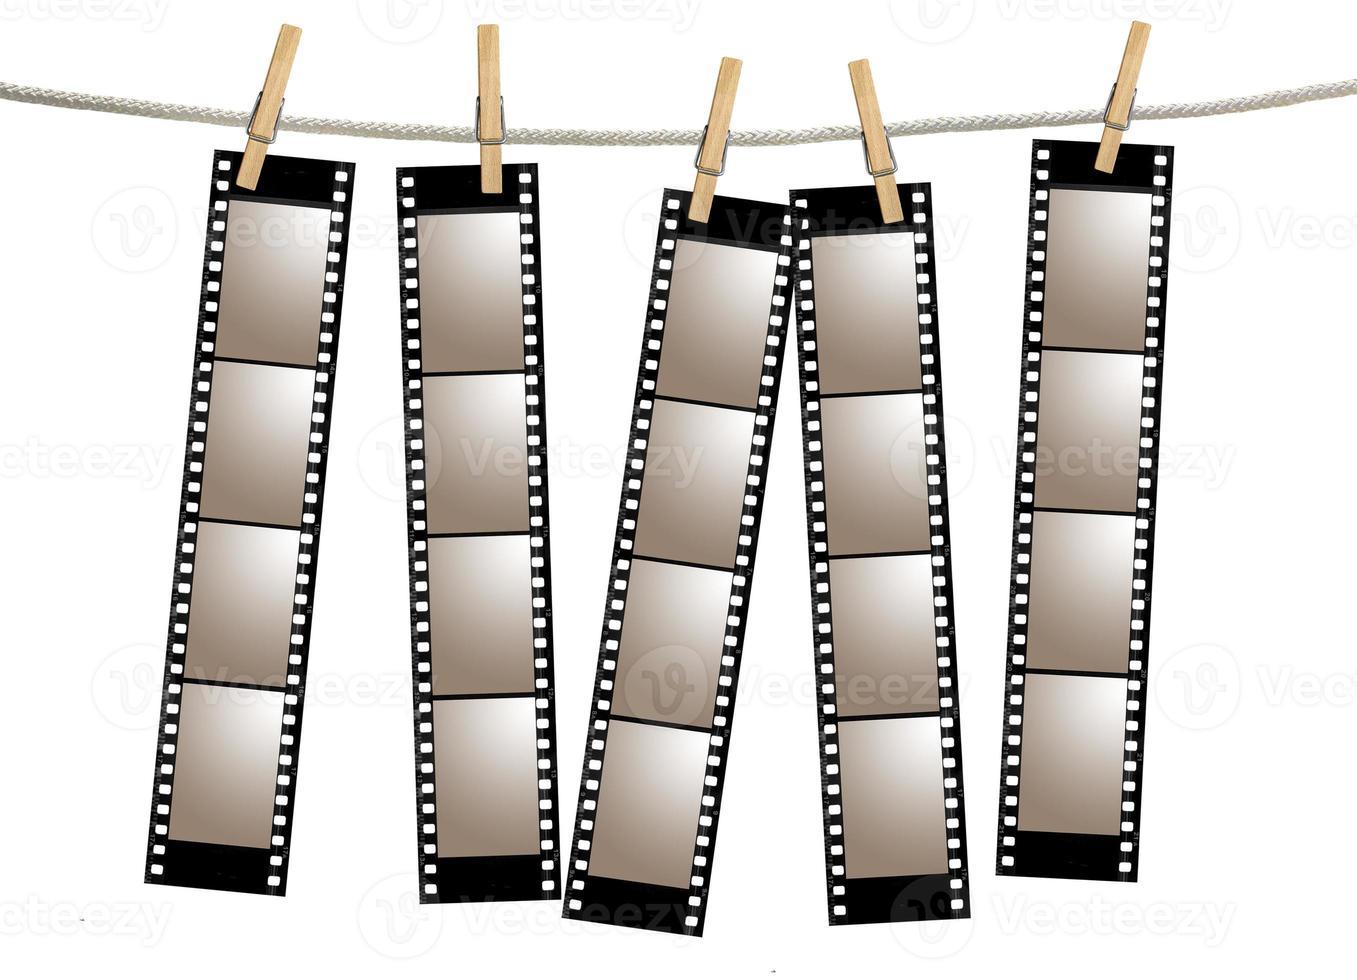 vieilles bandes de films négatifs photo